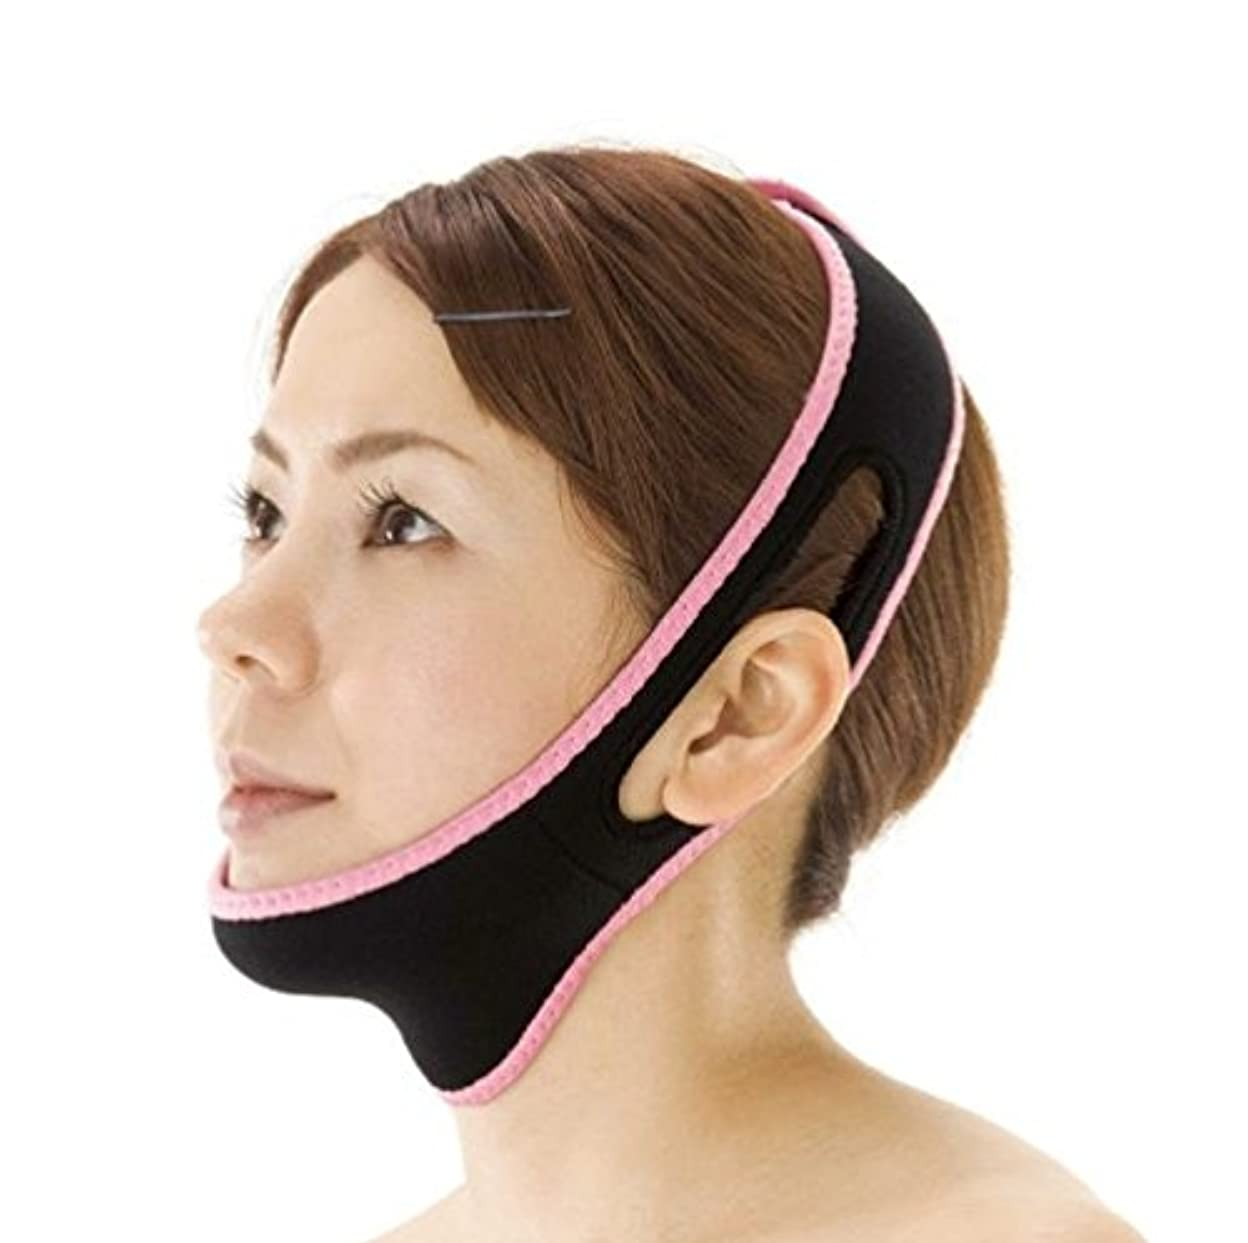 遅れ休戦レイプ小顔リフトアップベルト 寝ながら小顔 小顔矯正 ゲルマニウム 男女兼用ベルト いびき対策